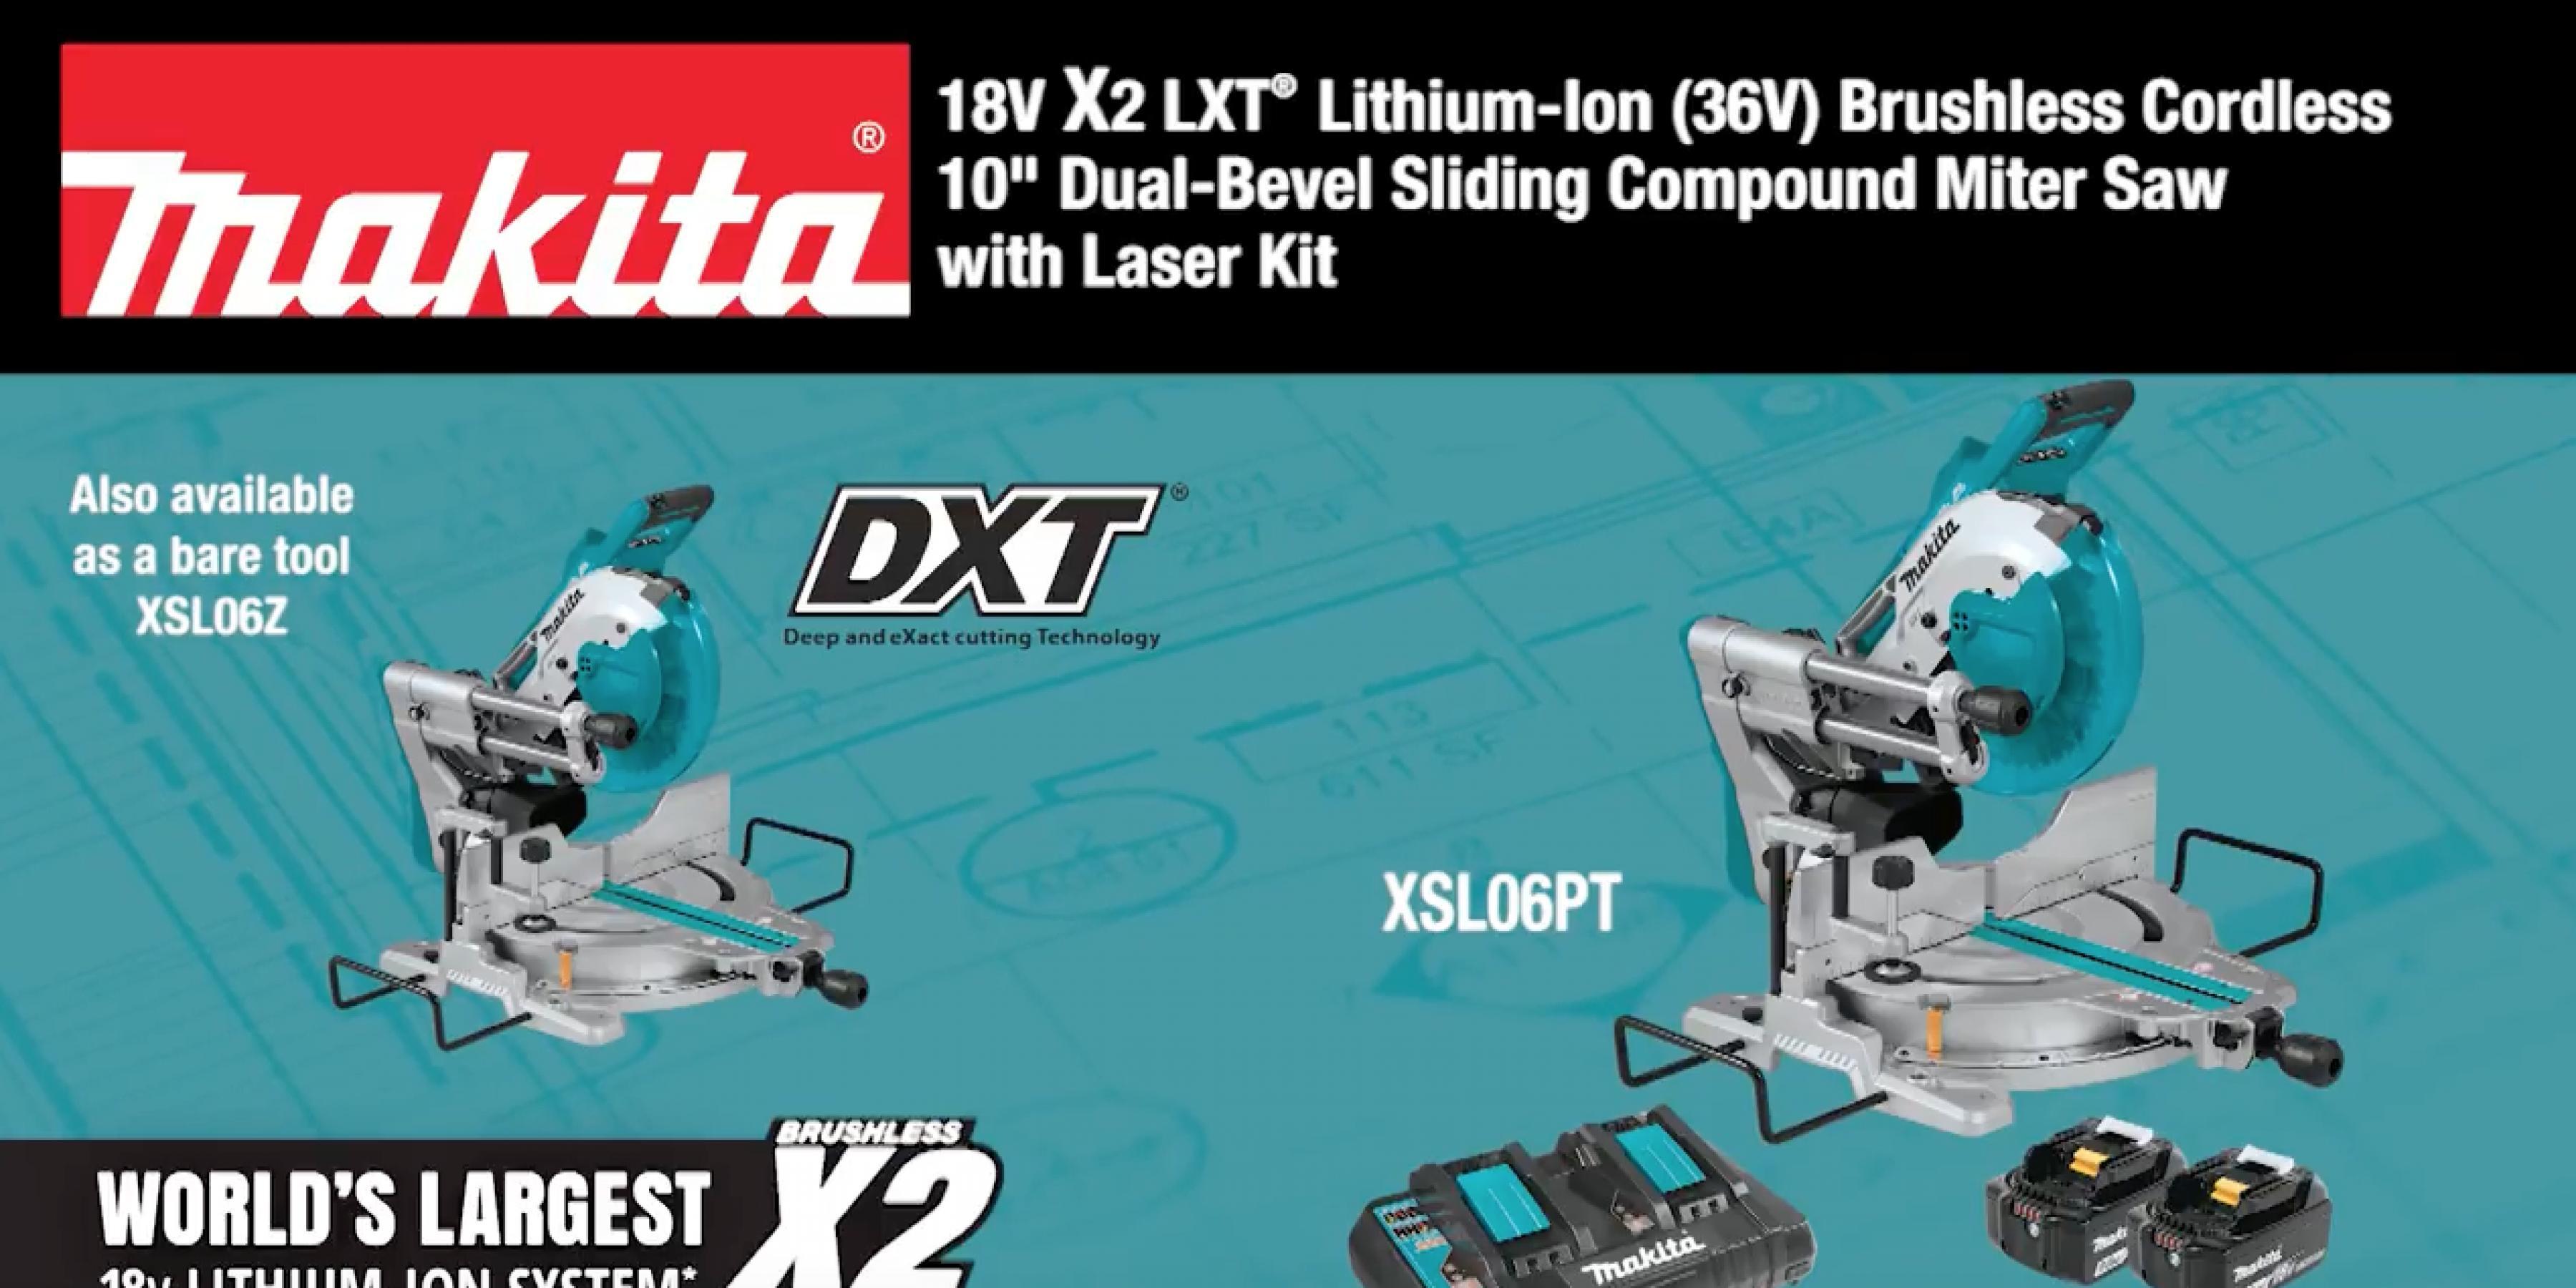 MAKITA 18V X2 LXT® (36V) Brushless 10